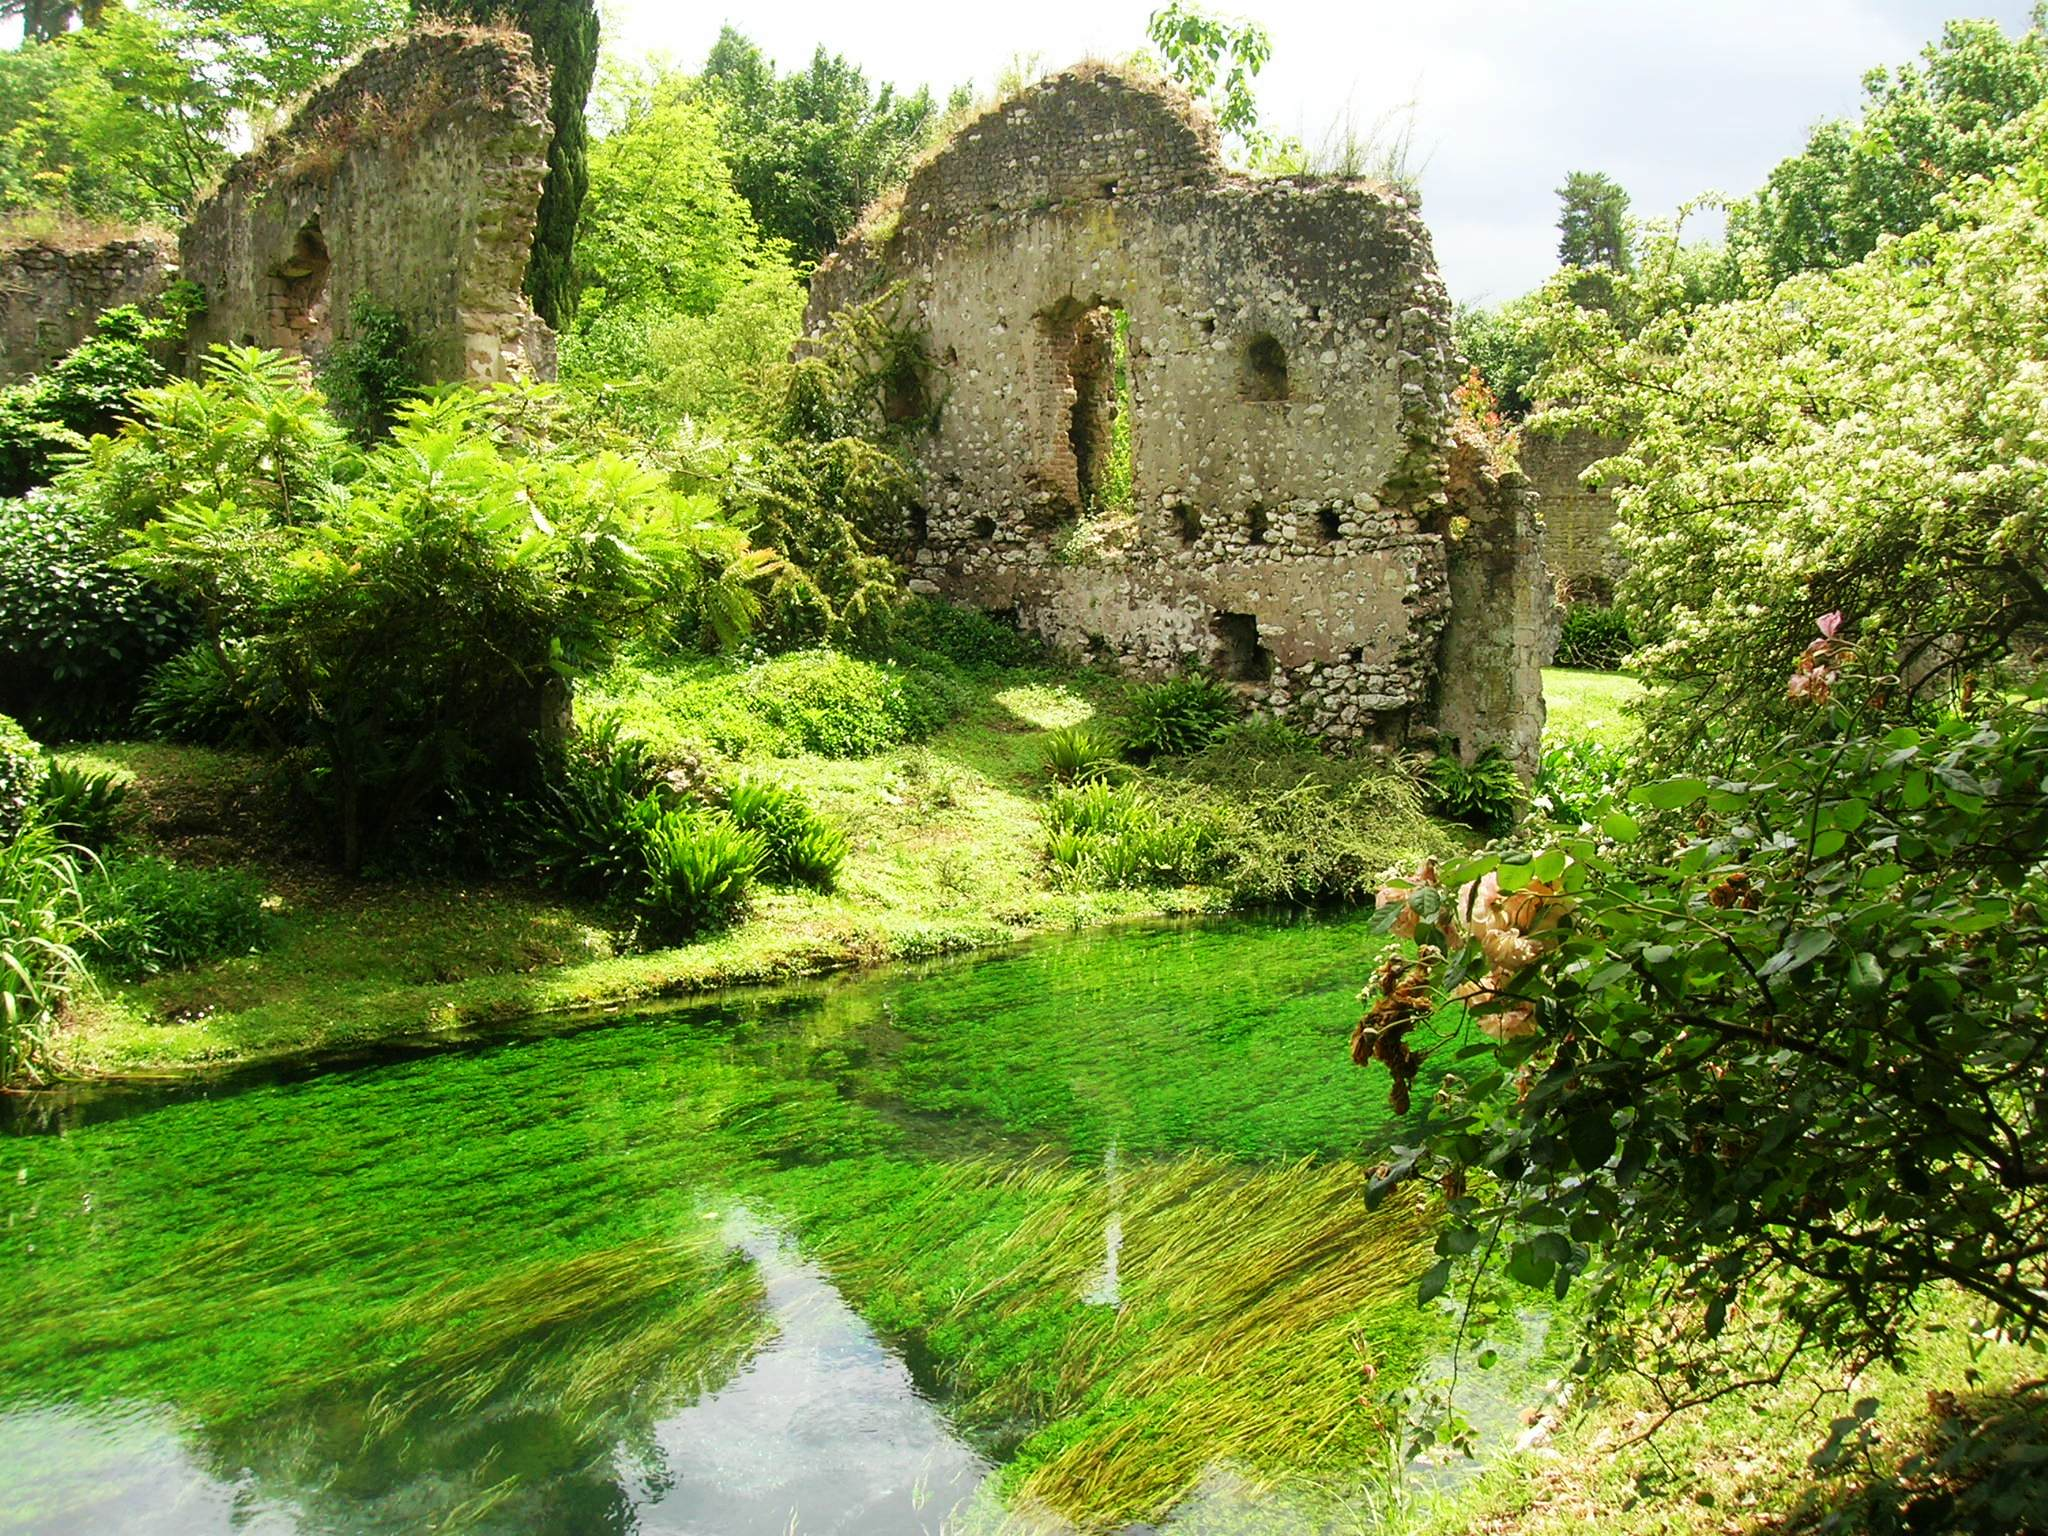 Uno dei giardini pi belli del mondo si trova vicino roma - Giardino in inglese ...